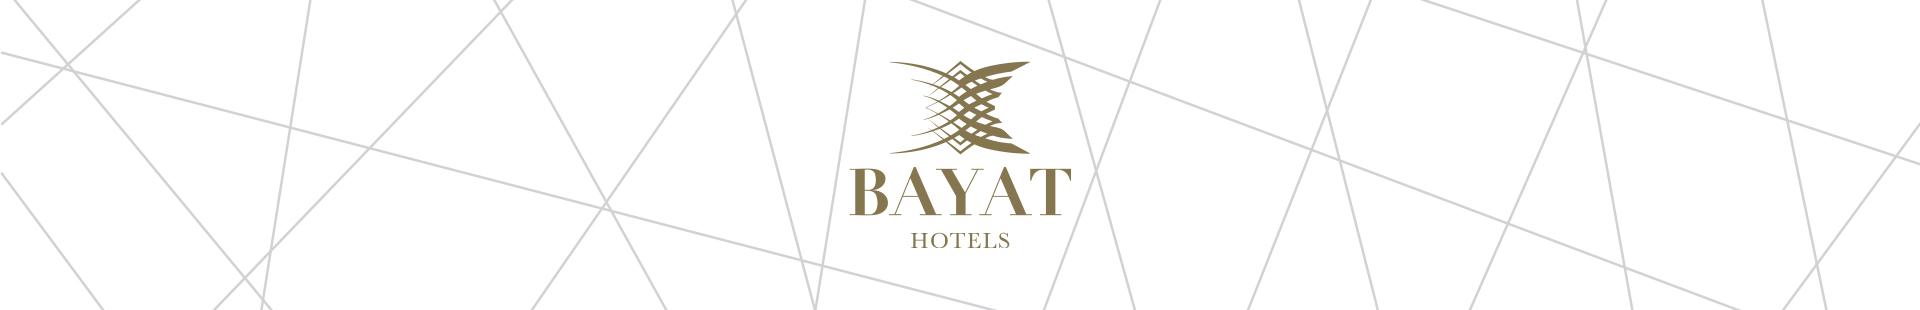 bayat_image